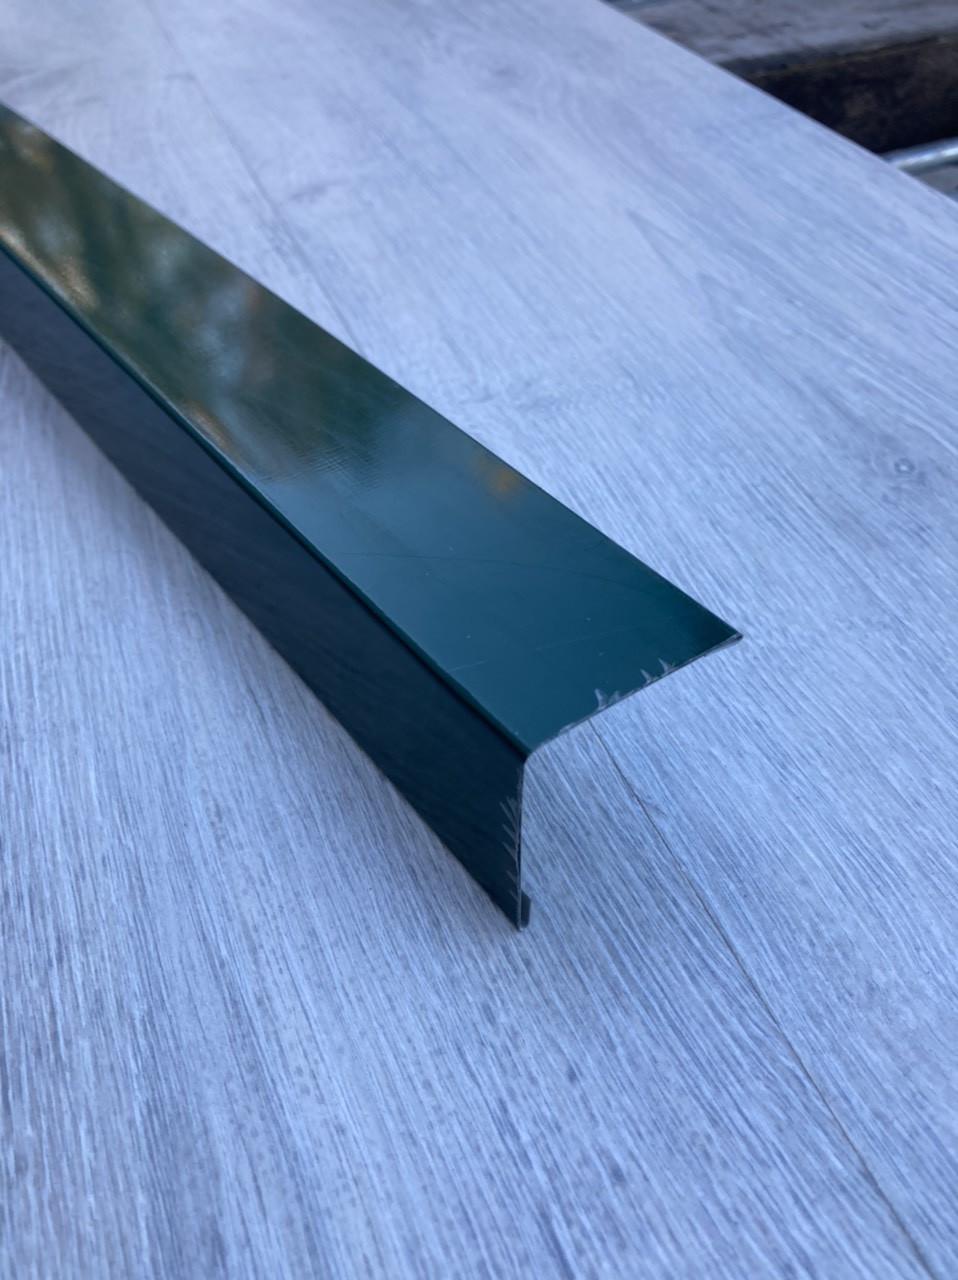 Кутова планка 40 Х 40 мм, зелена, комплектуючі для профнастилу,